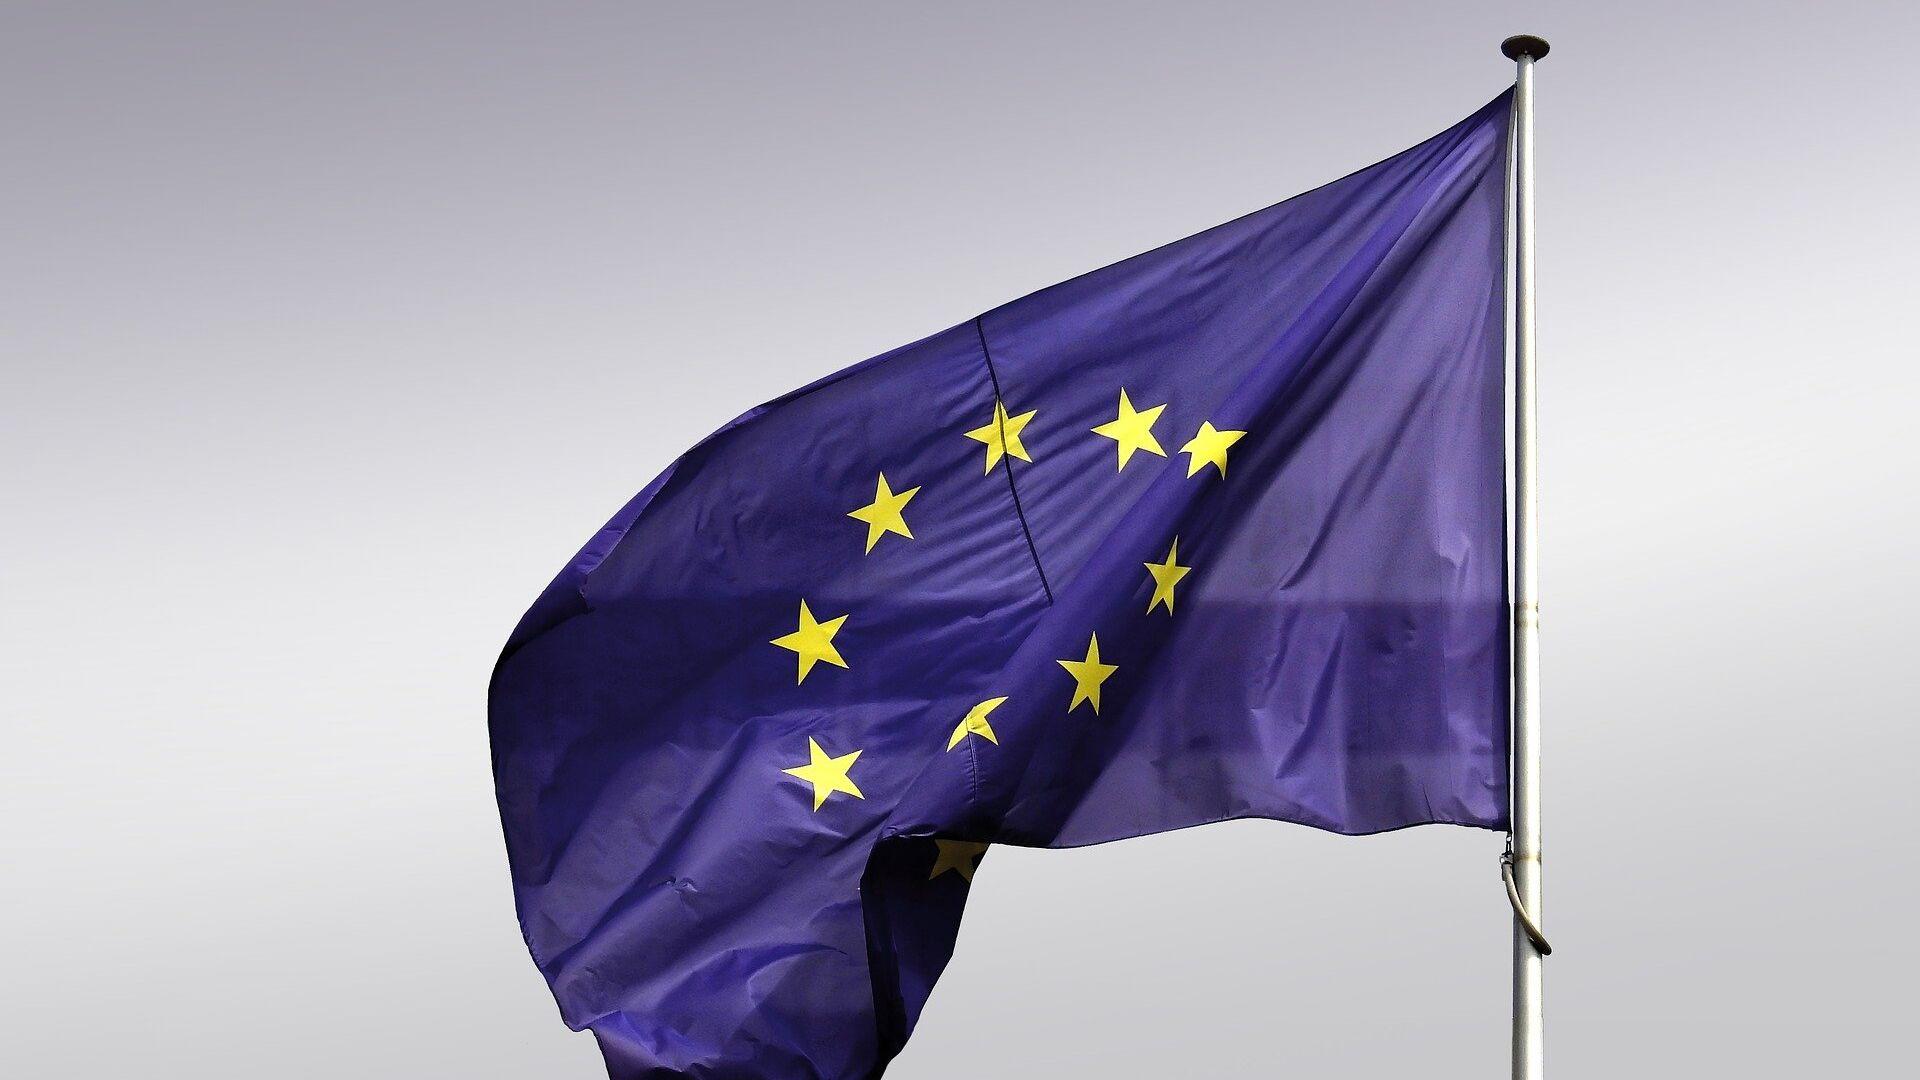 La bandera de la UE - Sputnik Mundo, 1920, 22.02.2021